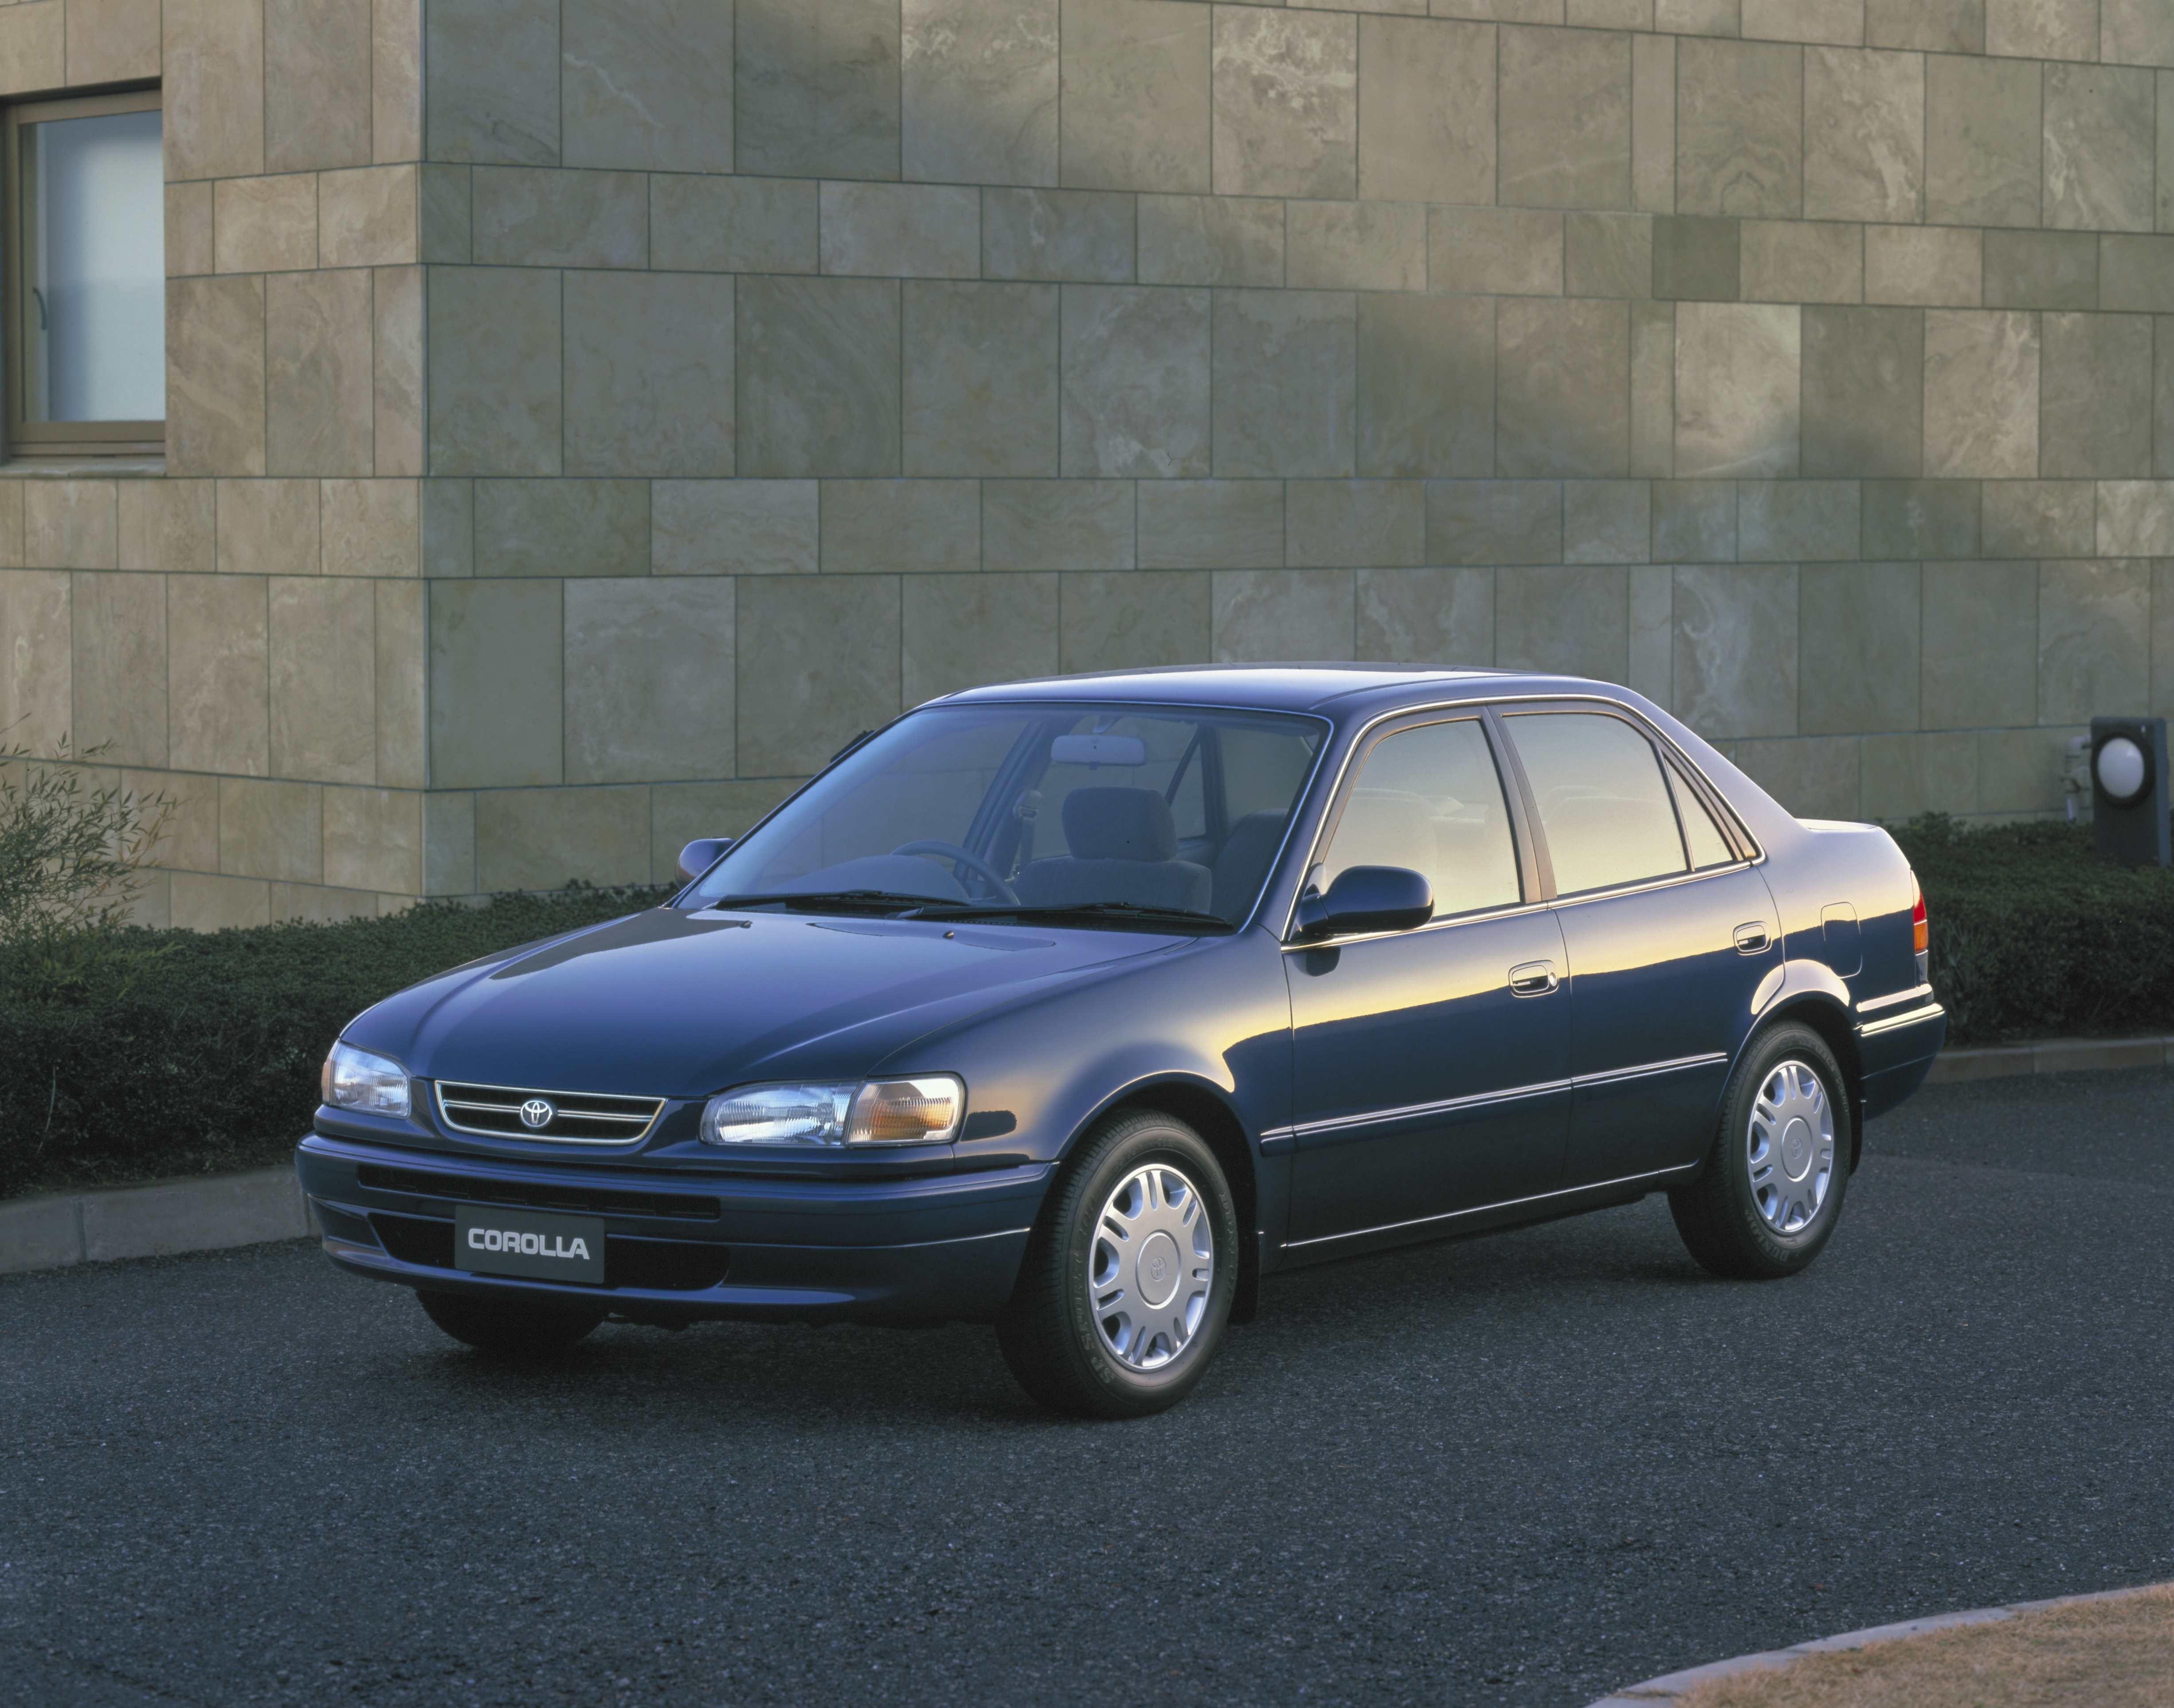 Toyota Corolla oitava geração - 1996